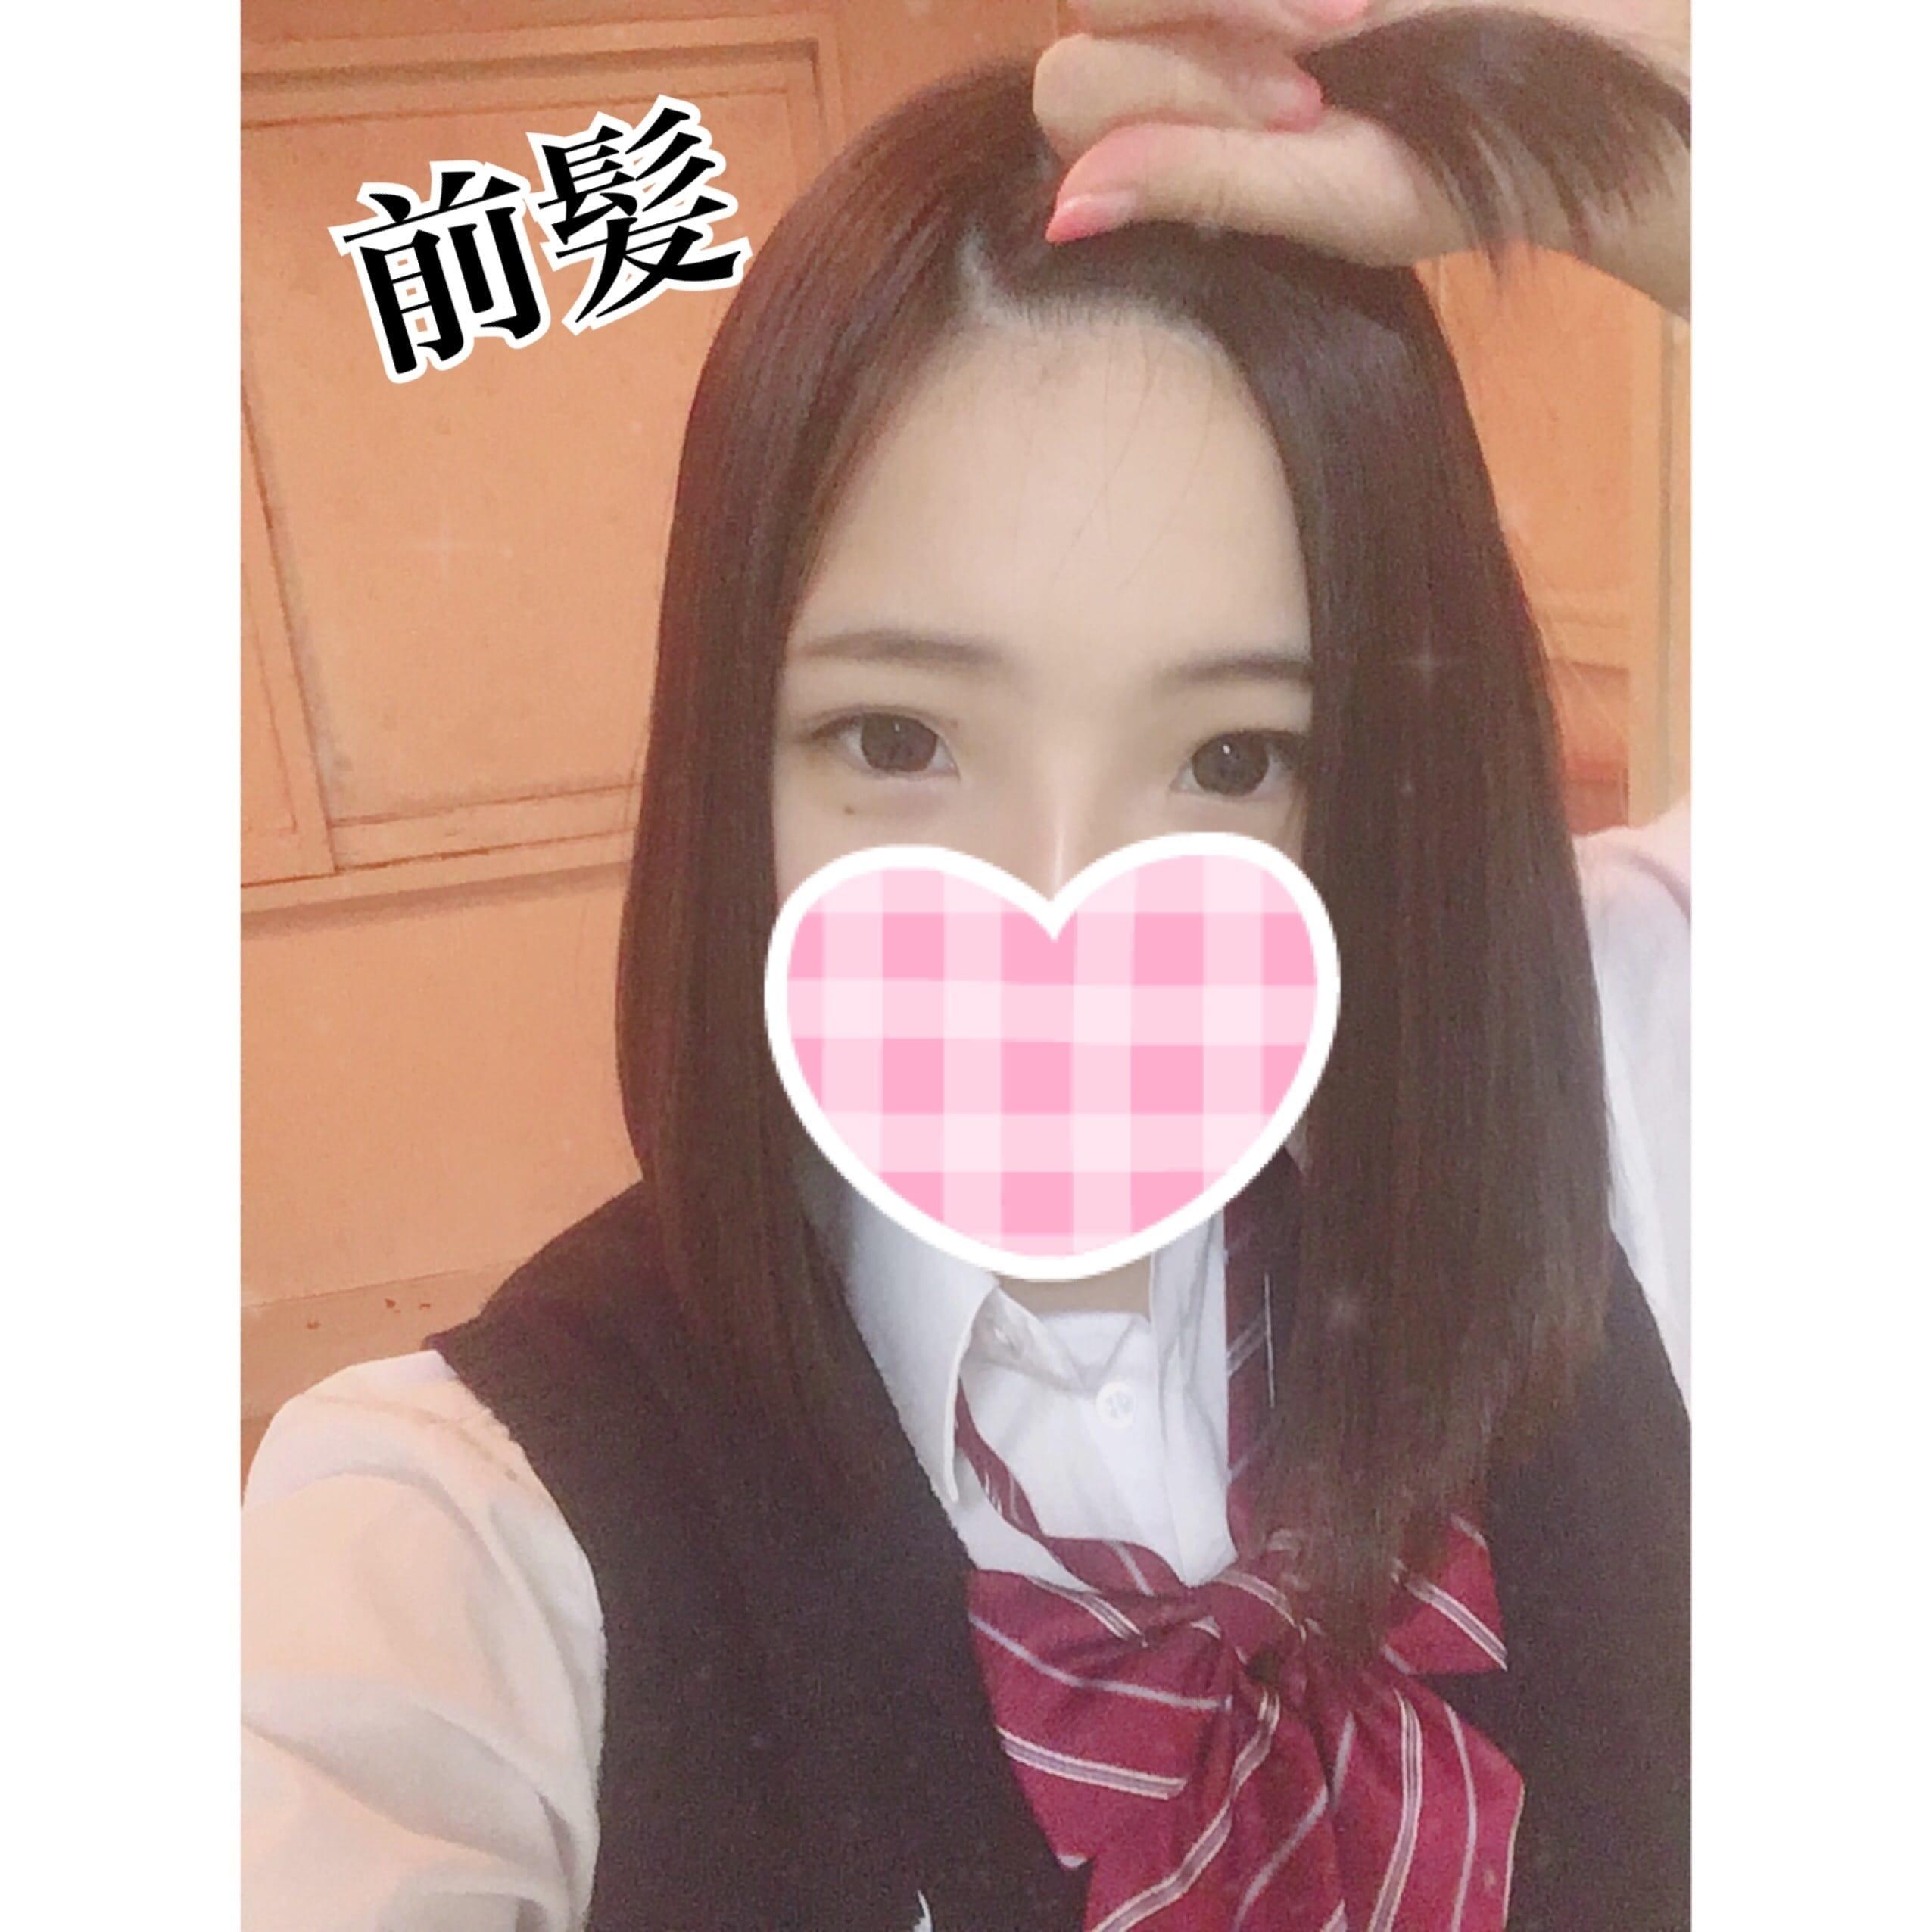 「前髪ぴょん」03/22(03/22) 08:12 | チィの写メ・風俗動画